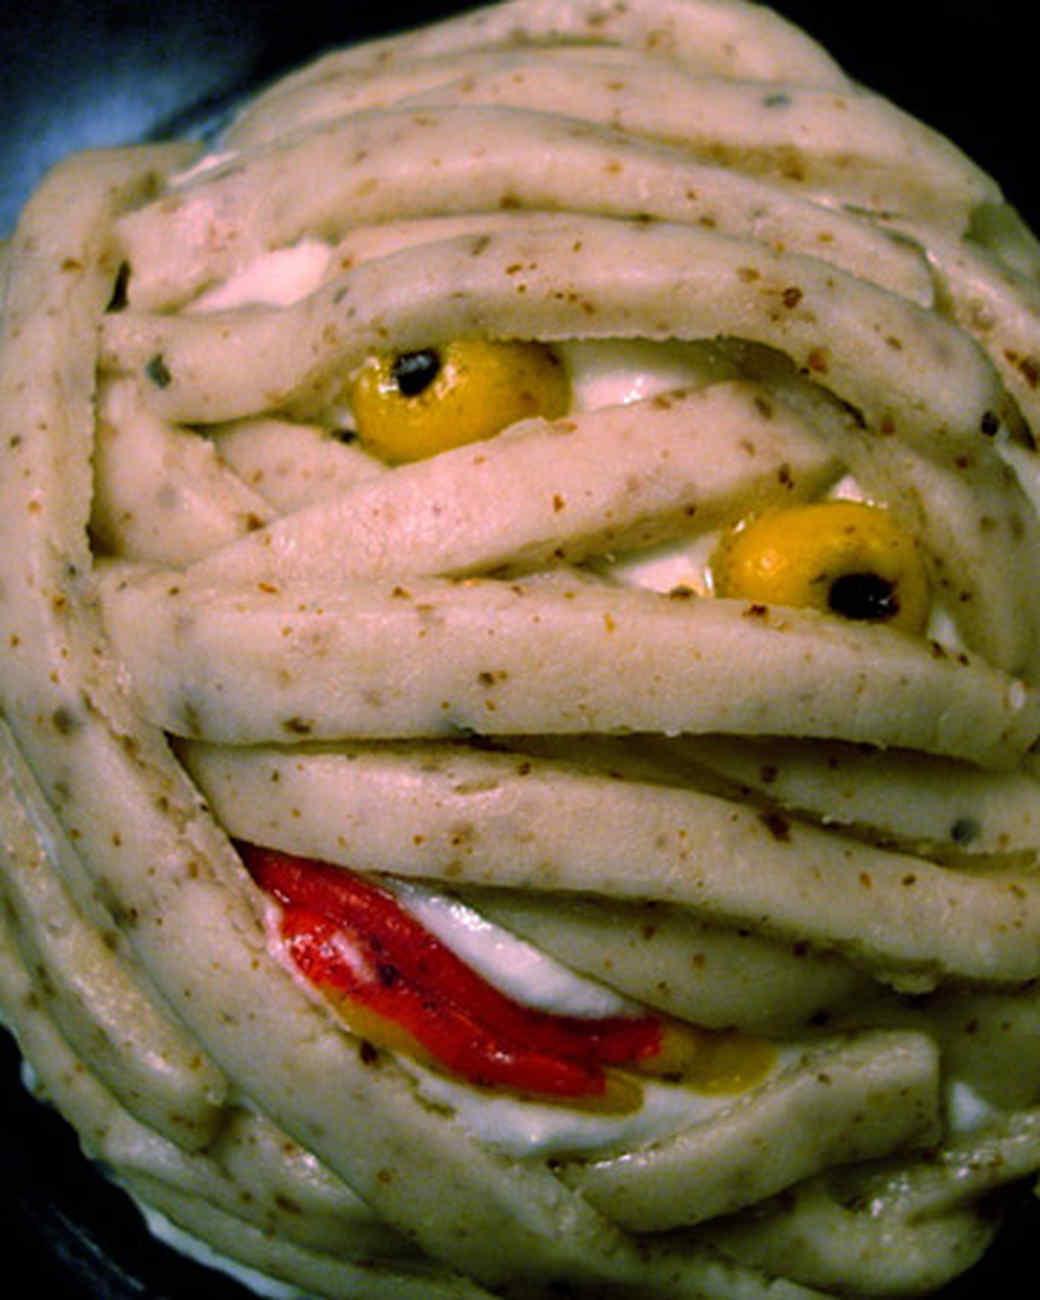 ori00061217_cupcakes.jpg